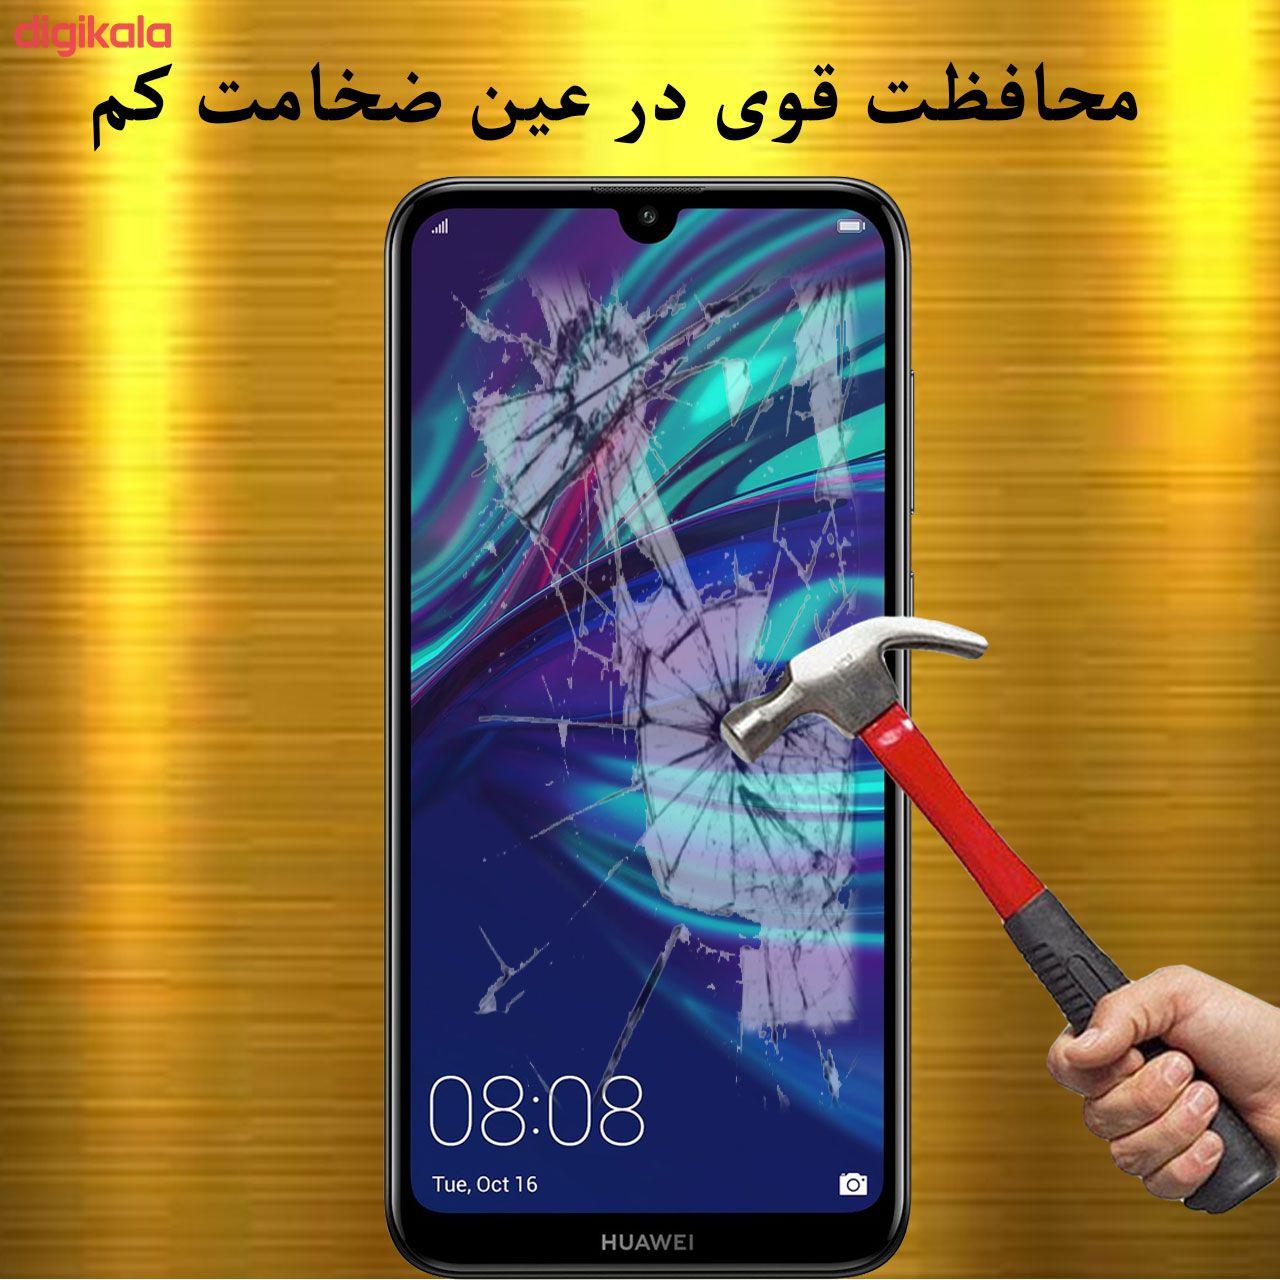 محافظ صفحه نمایش هورس مدل UCC مناسب برای گوشی موبایل هوآوی Y7 Prime 2019 main 1 6